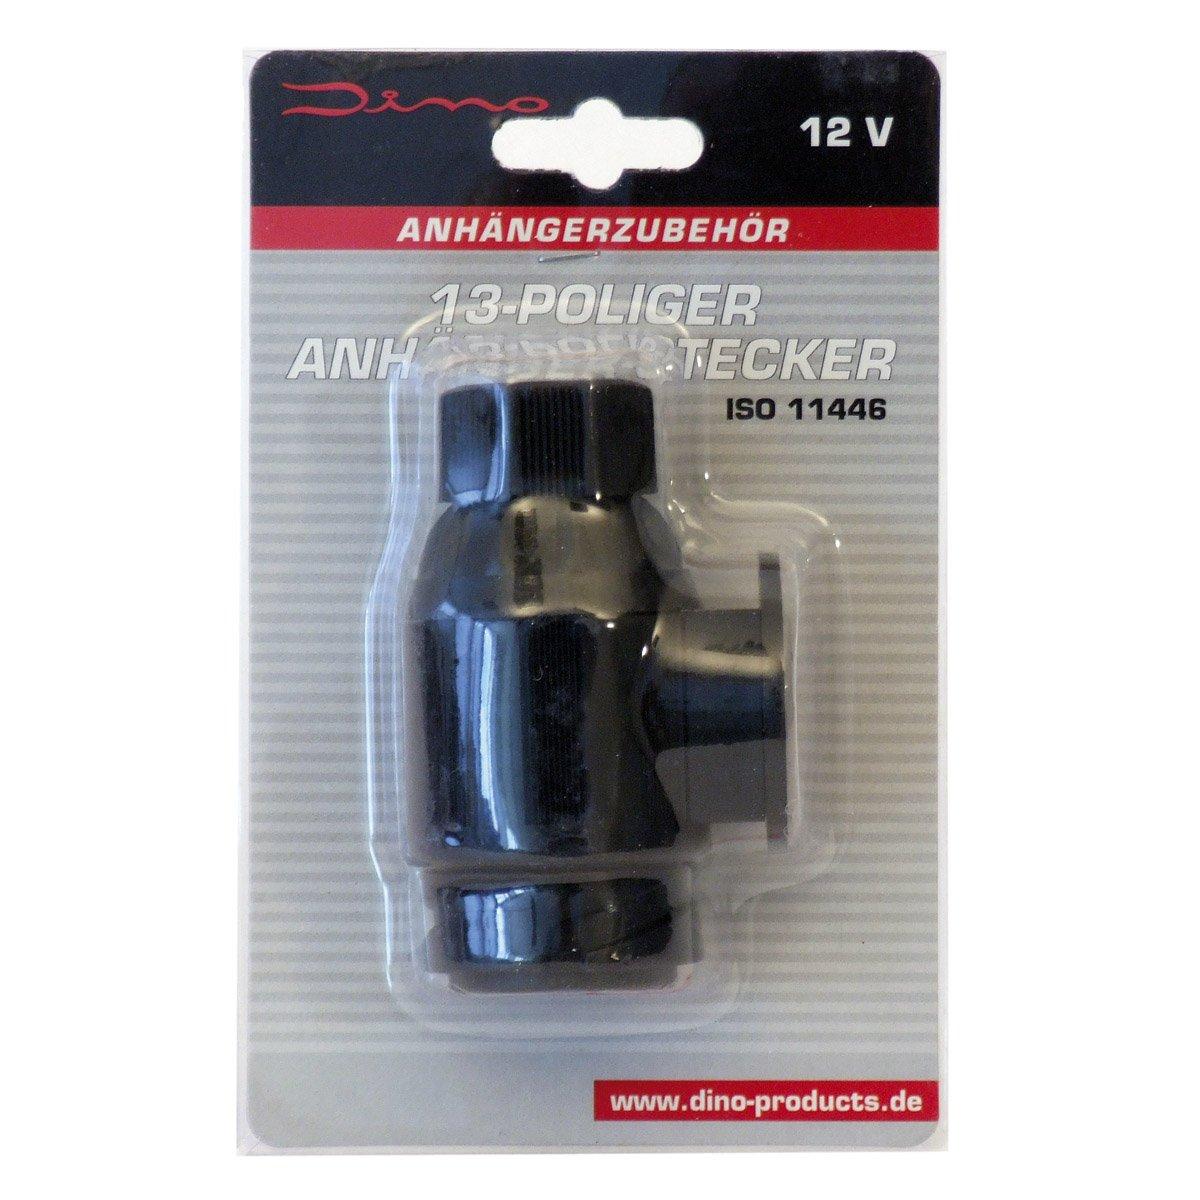 Dino 130079 12V Anhängerstecker 13-Polig ISO 11446: Amazon.de: Auto